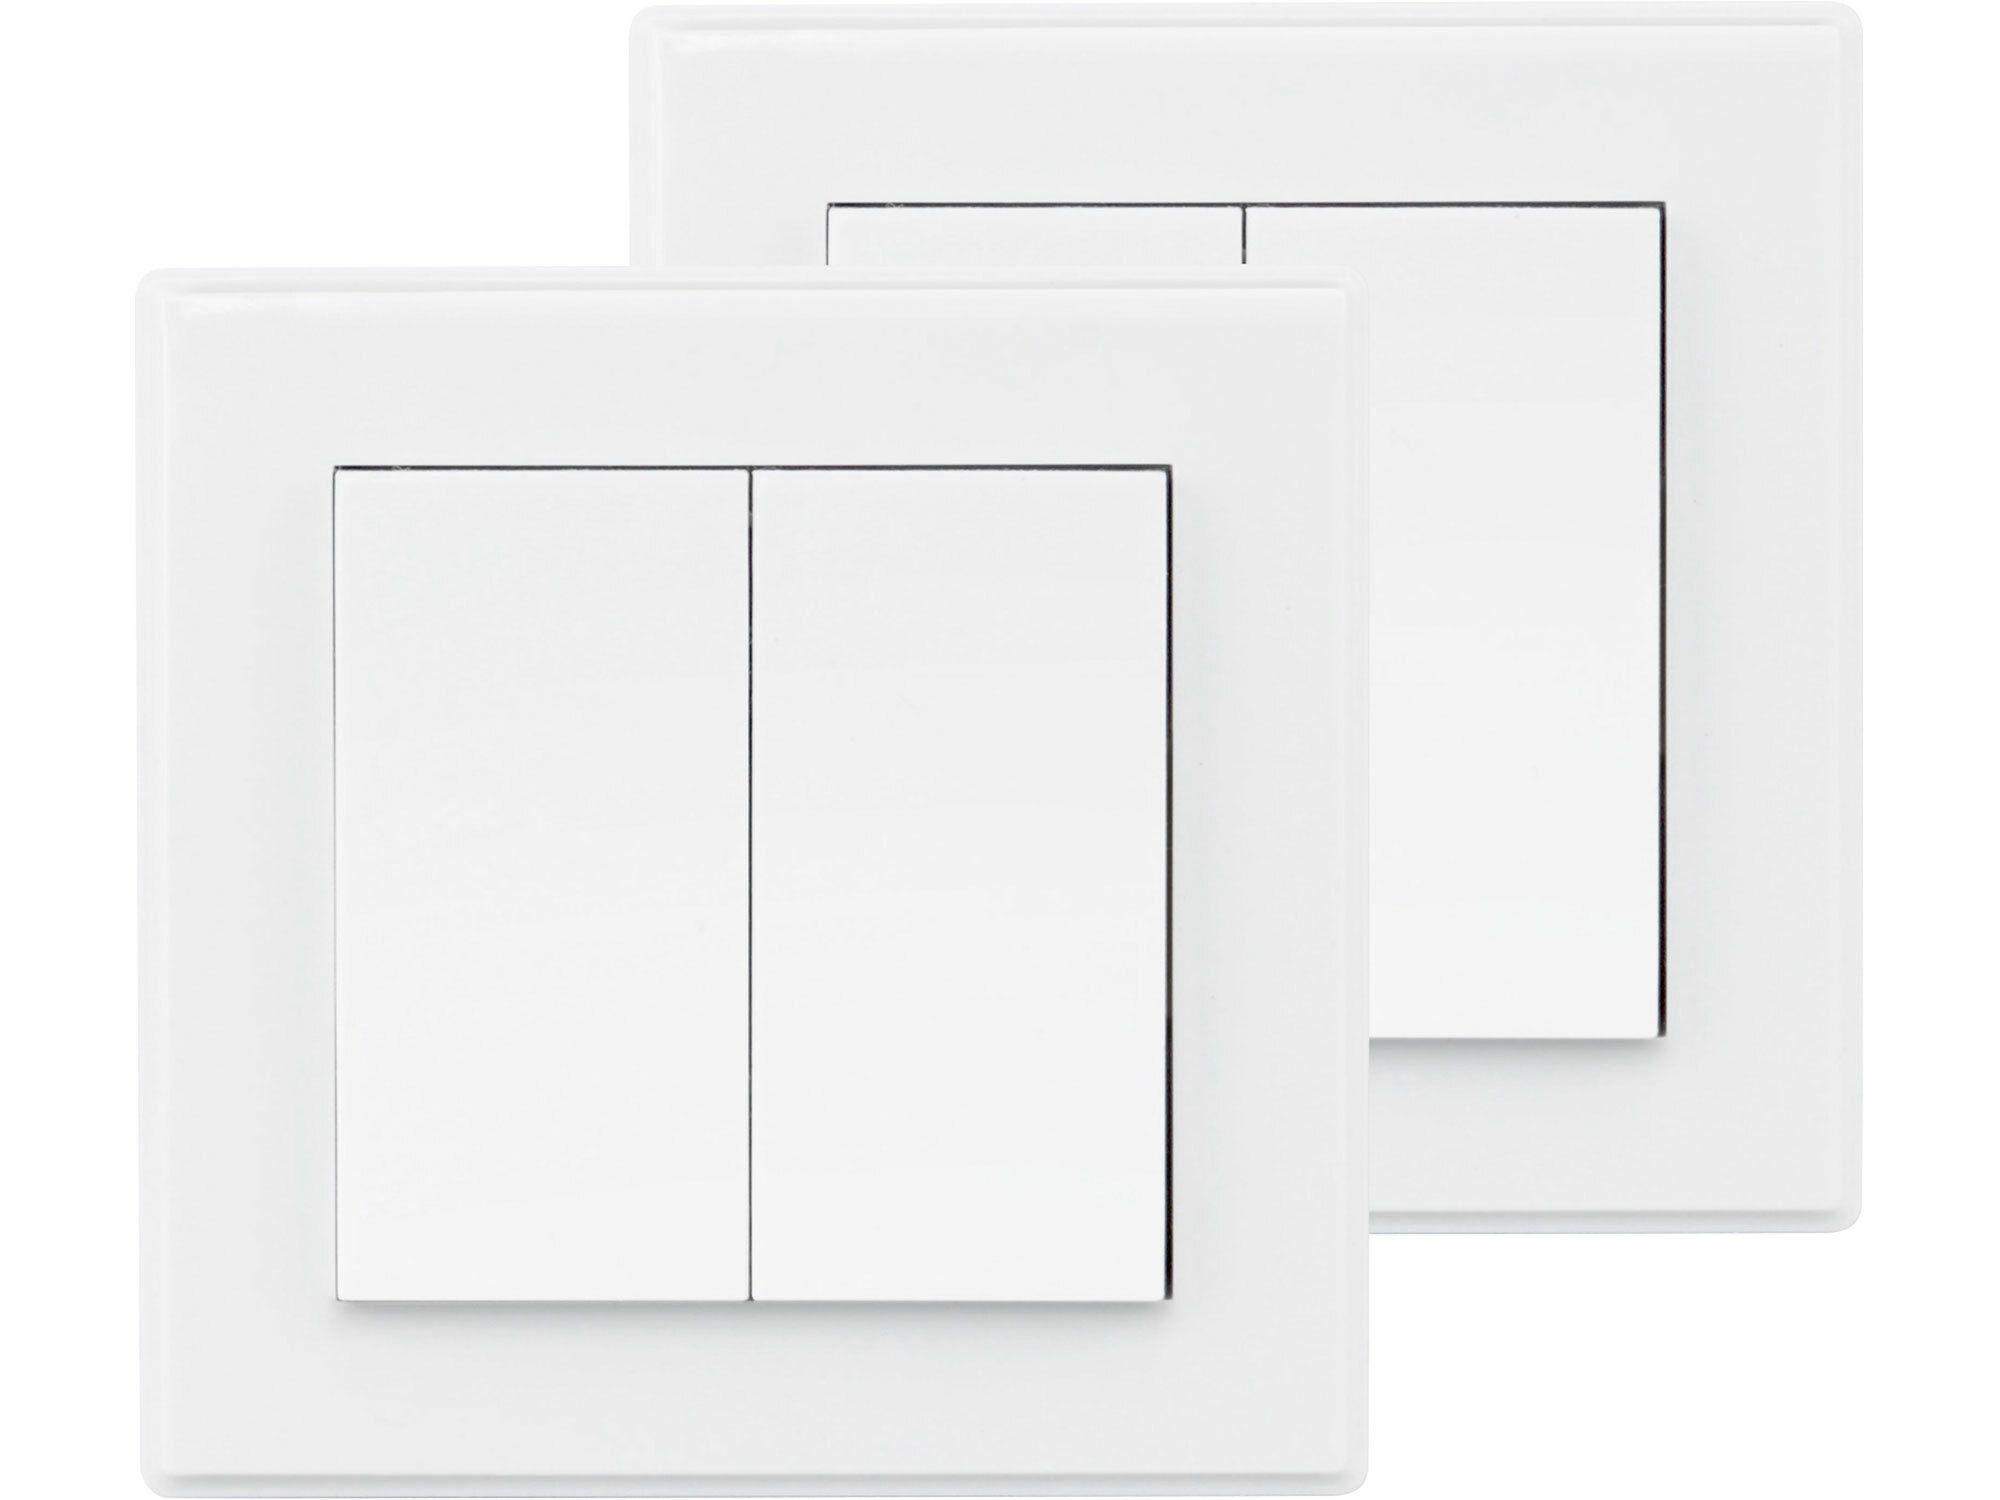 Vypínač/ovladač, dvojitý, 2ks, 2jednotlivé/skupinové kanály, EXTOL LIGHT